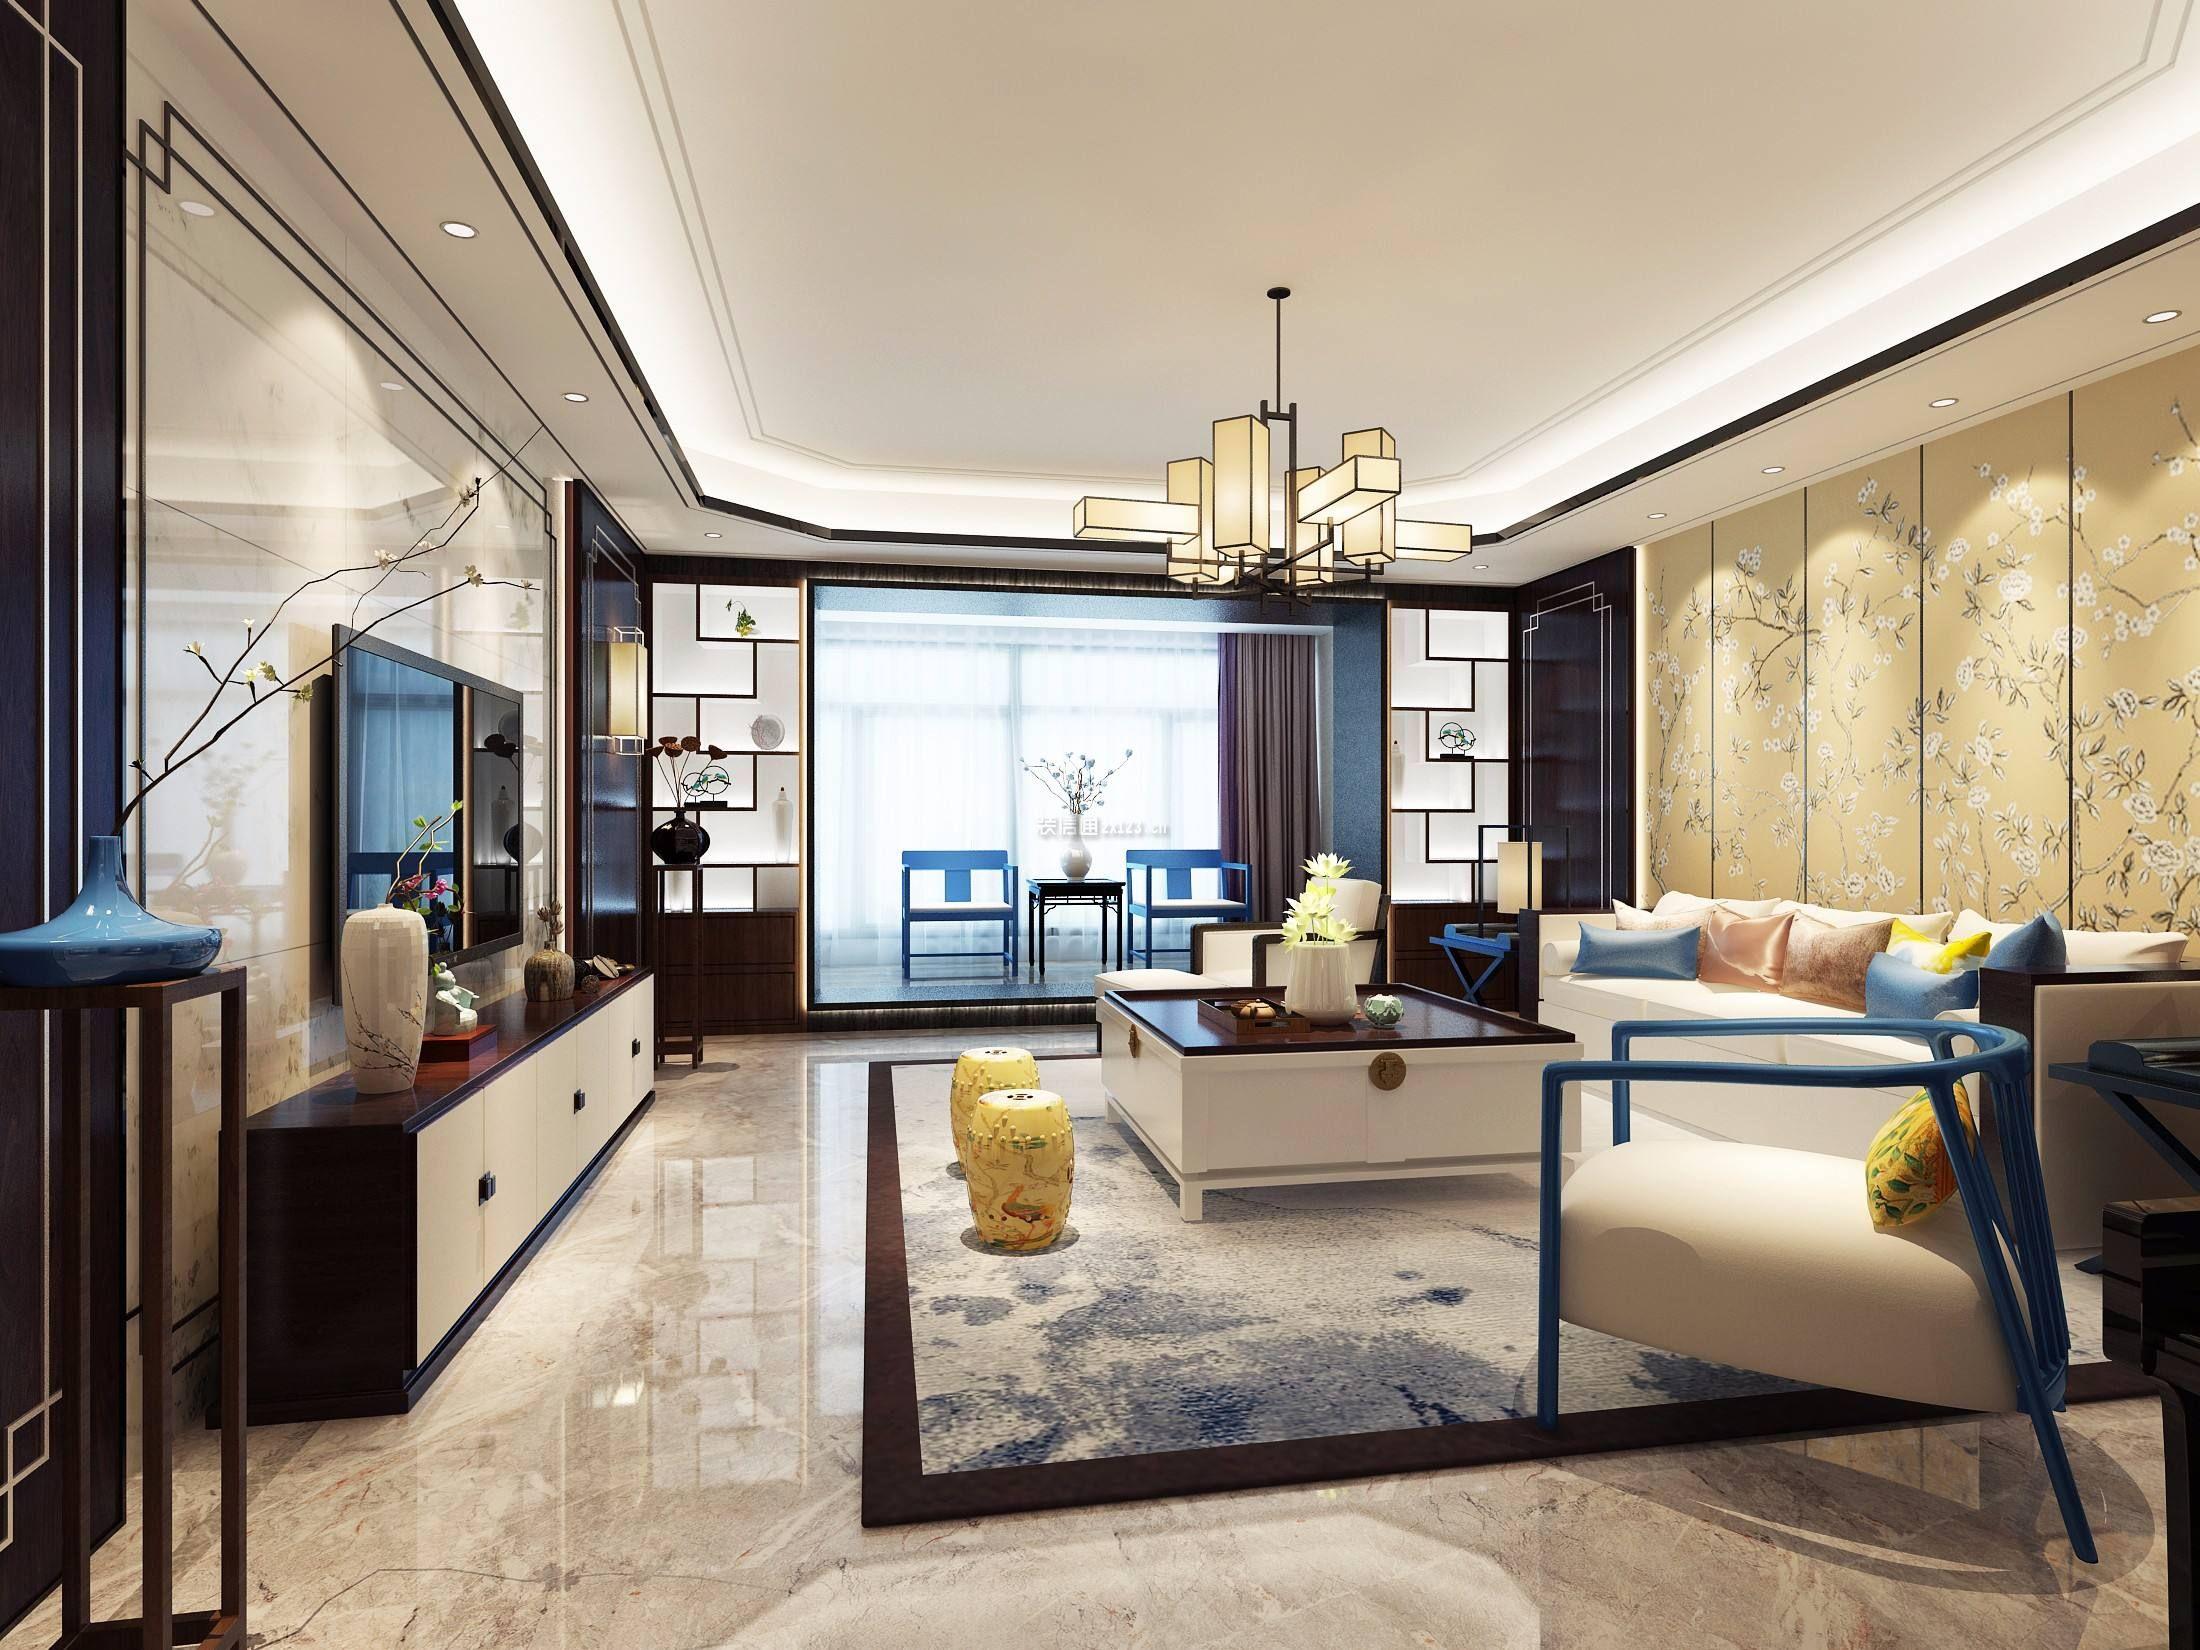 家装效果图 中式 2018新中式风格客厅背景墙装修效果图 提供者:   ←图片